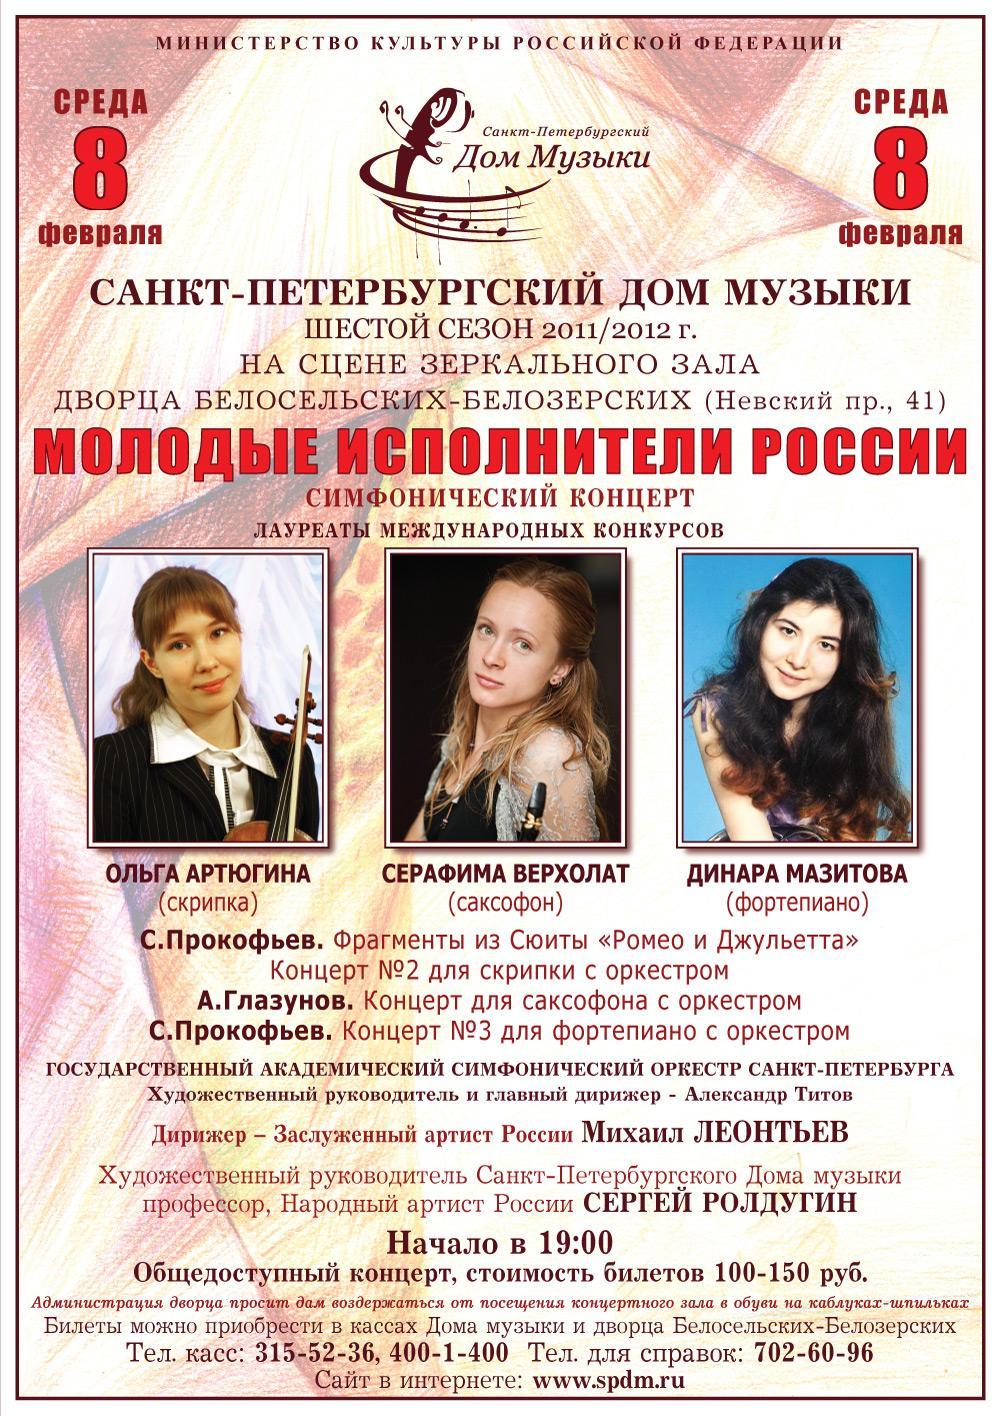 Музыка и молодость в расцвете: концерт Петербургского Дома музыки ко Дню всех влюбленных